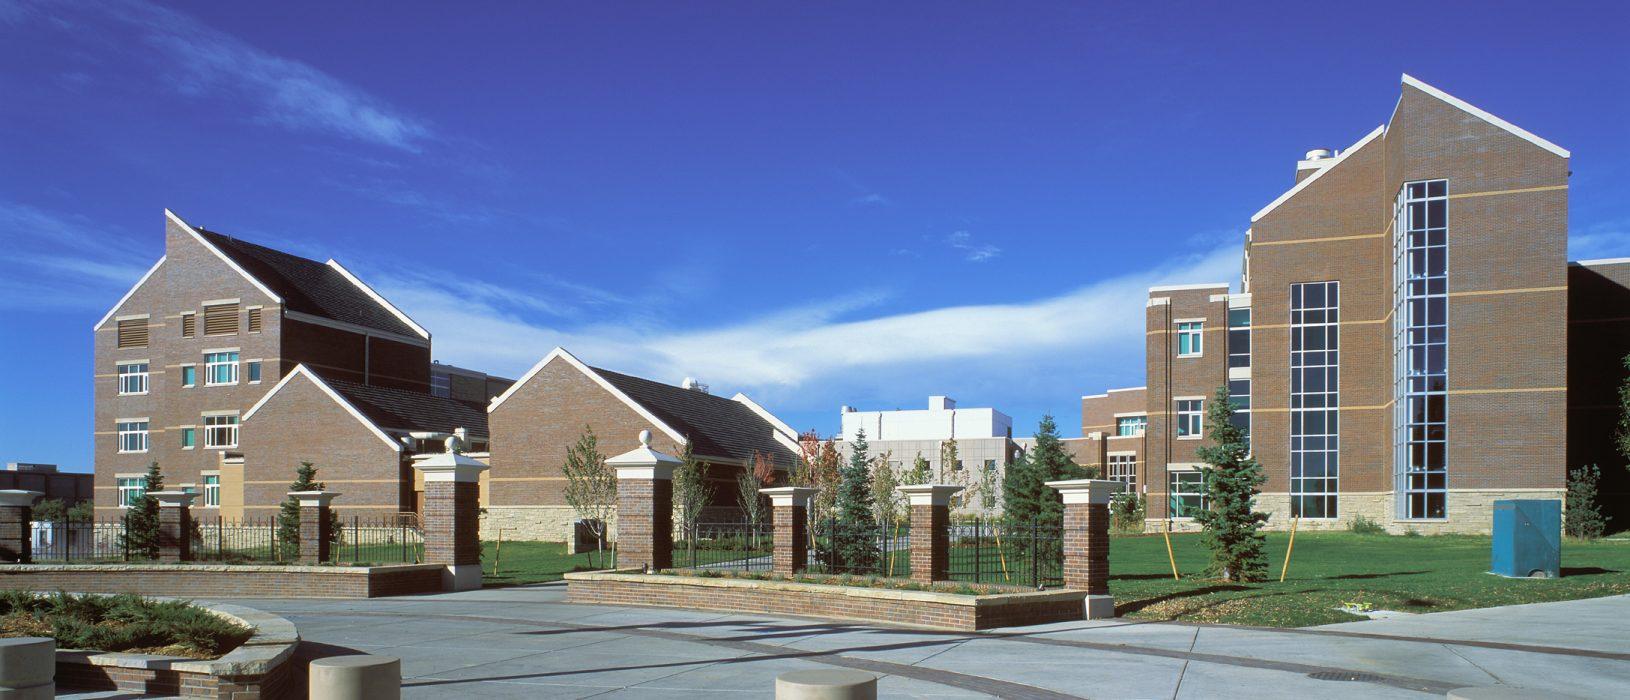 College Of Natural U0026 Health Sciences, University Of Northern Colorado,  Greeley Colorado ...